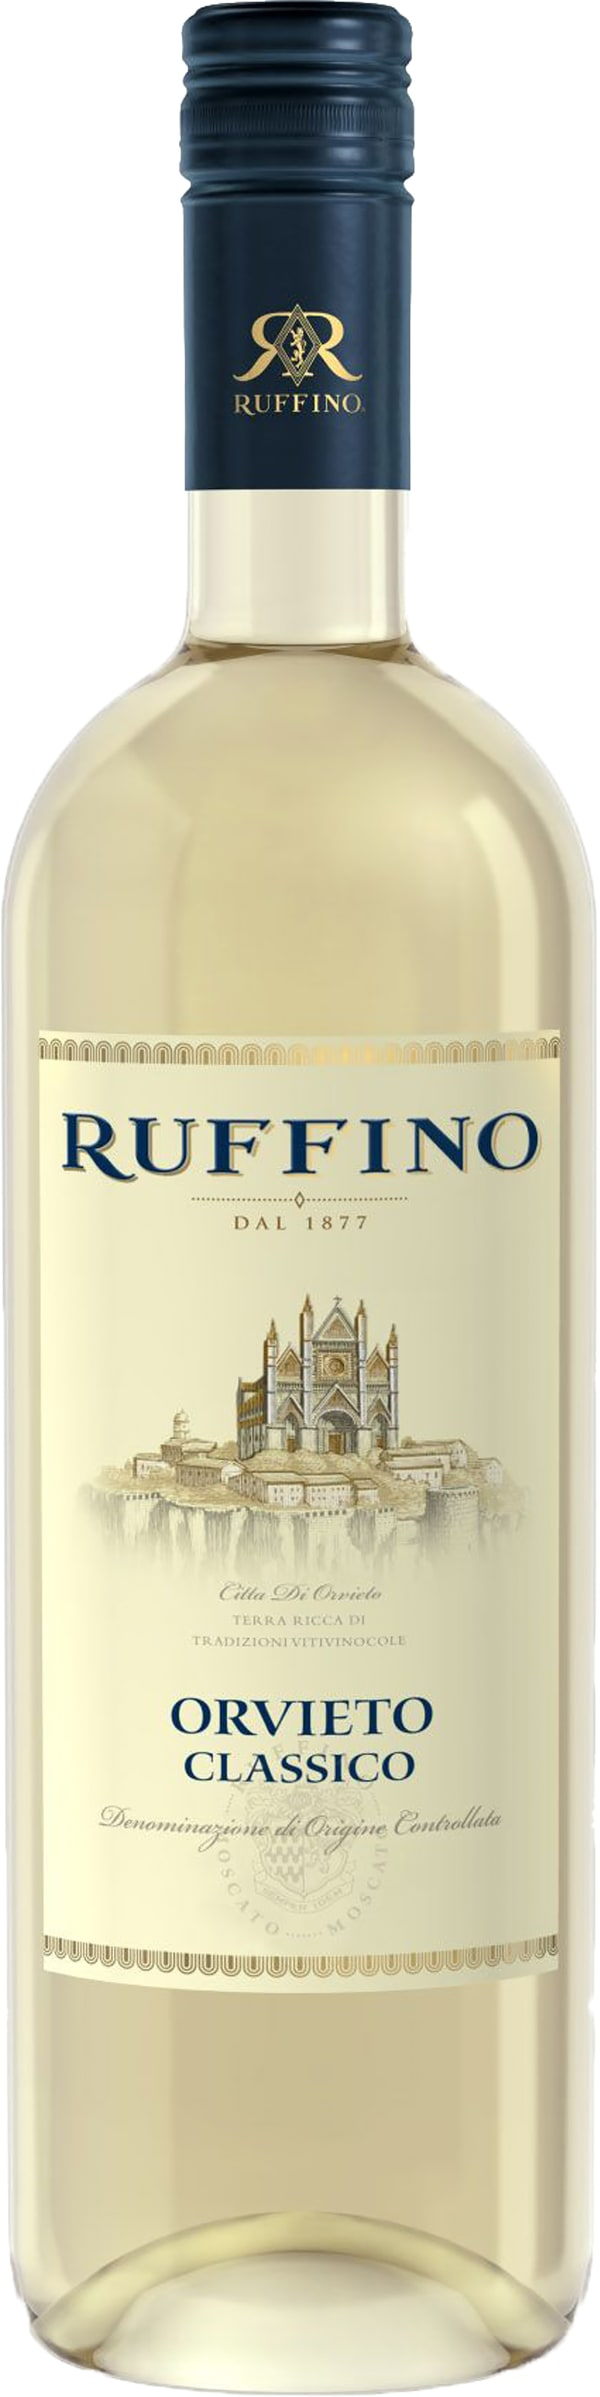 Ruffino Orvieto Classico 2020